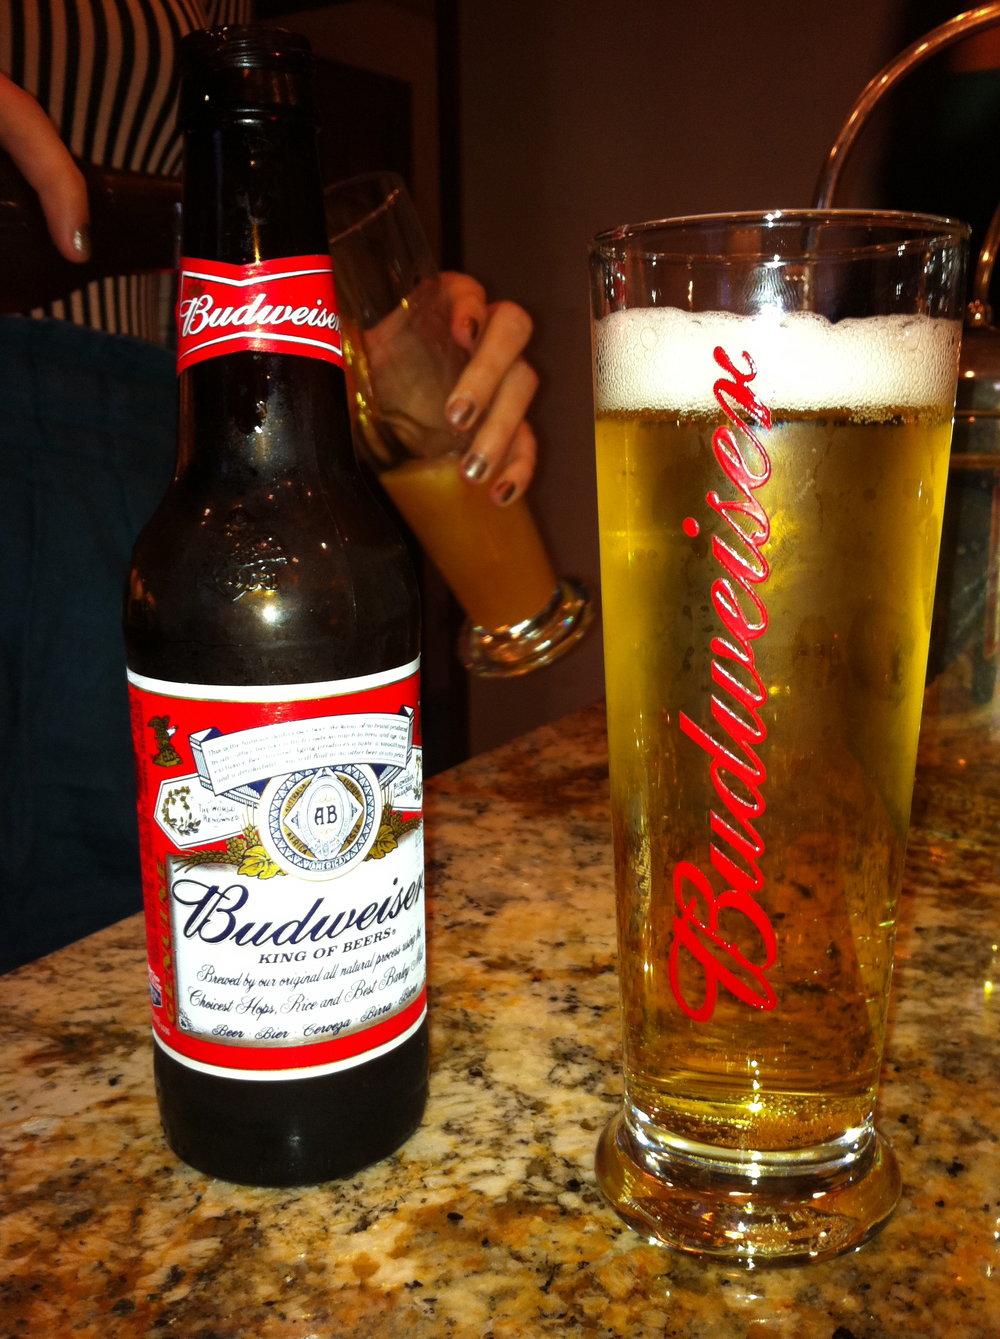 Budweiser_beer.jpg